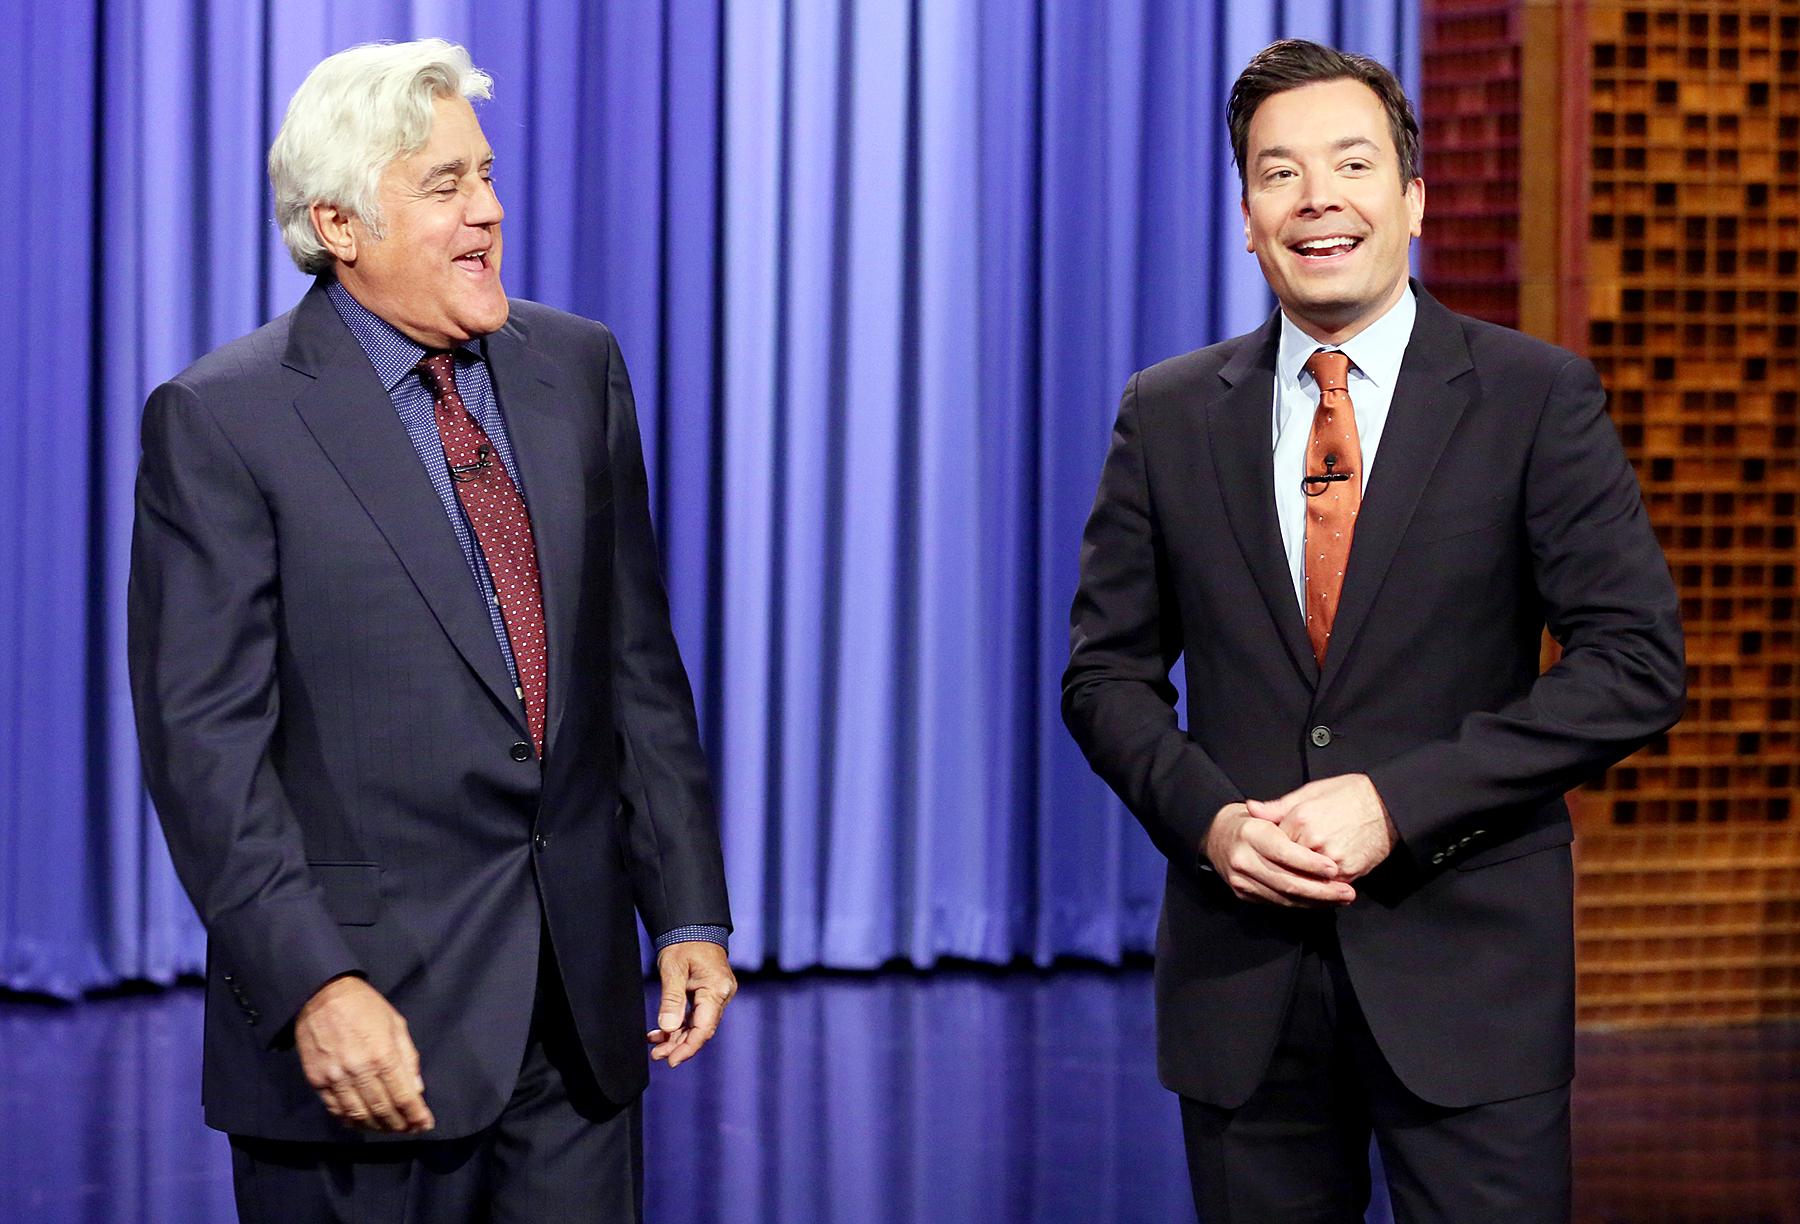 Jay Leno Jimmy Fallon The Tonight Show